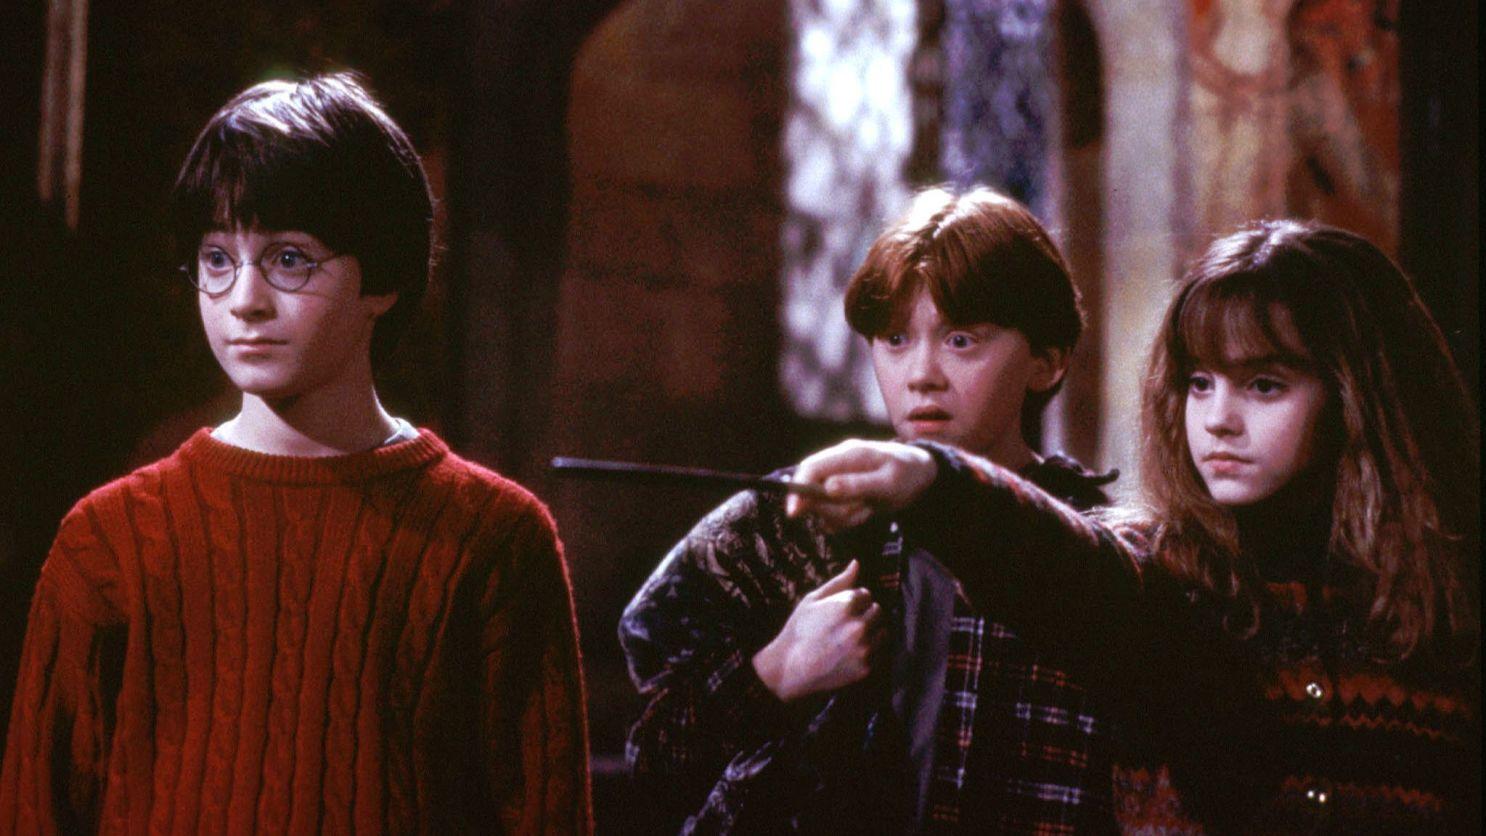 «Гарри Поттер и философский камень» преодолел планку вмиллиард долларов сборов